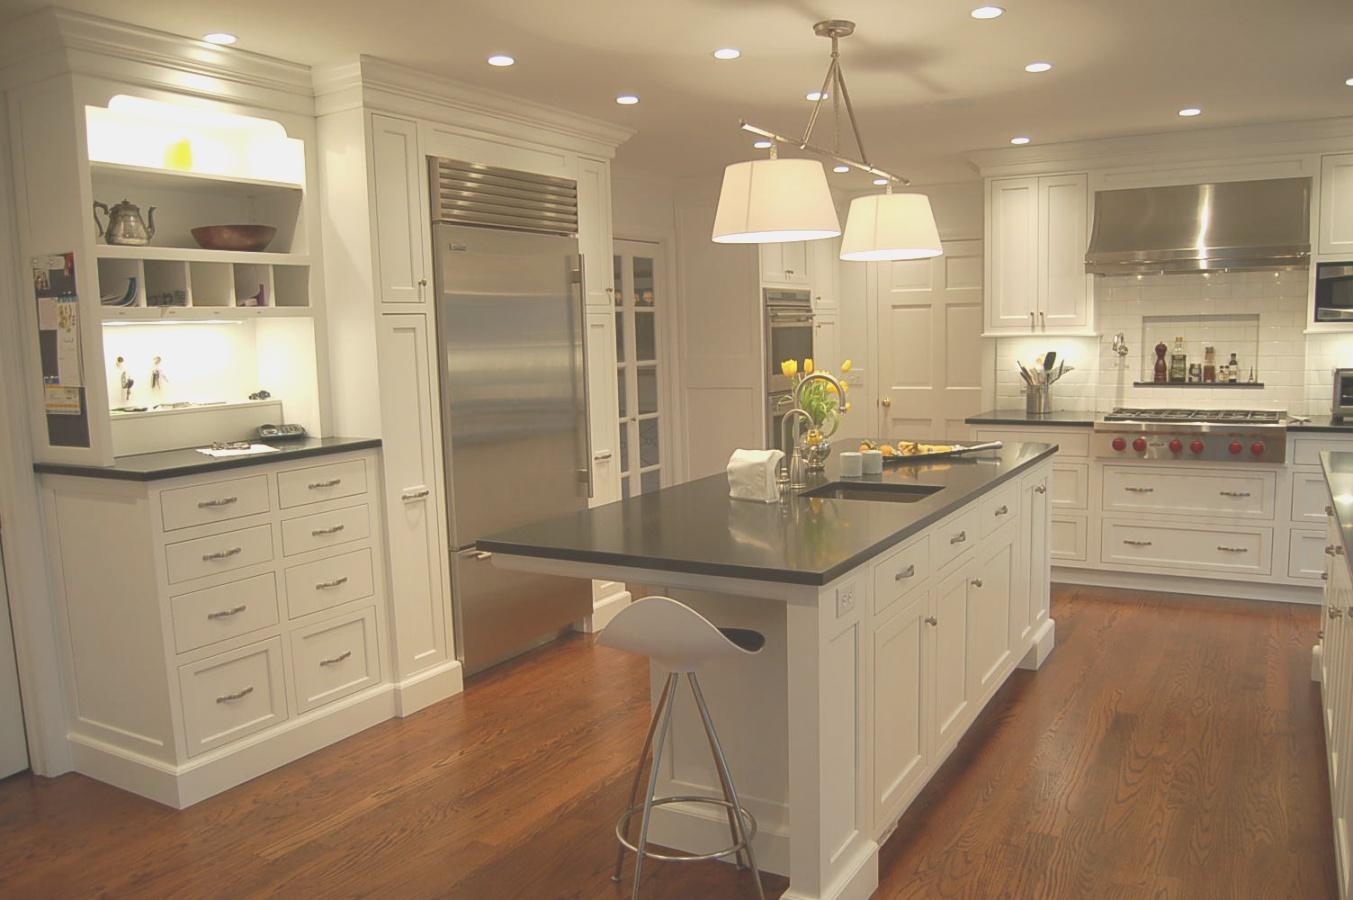 10 advantages of narrow kitchen island ideas roy home design - Narrow kitchen island ideas ...